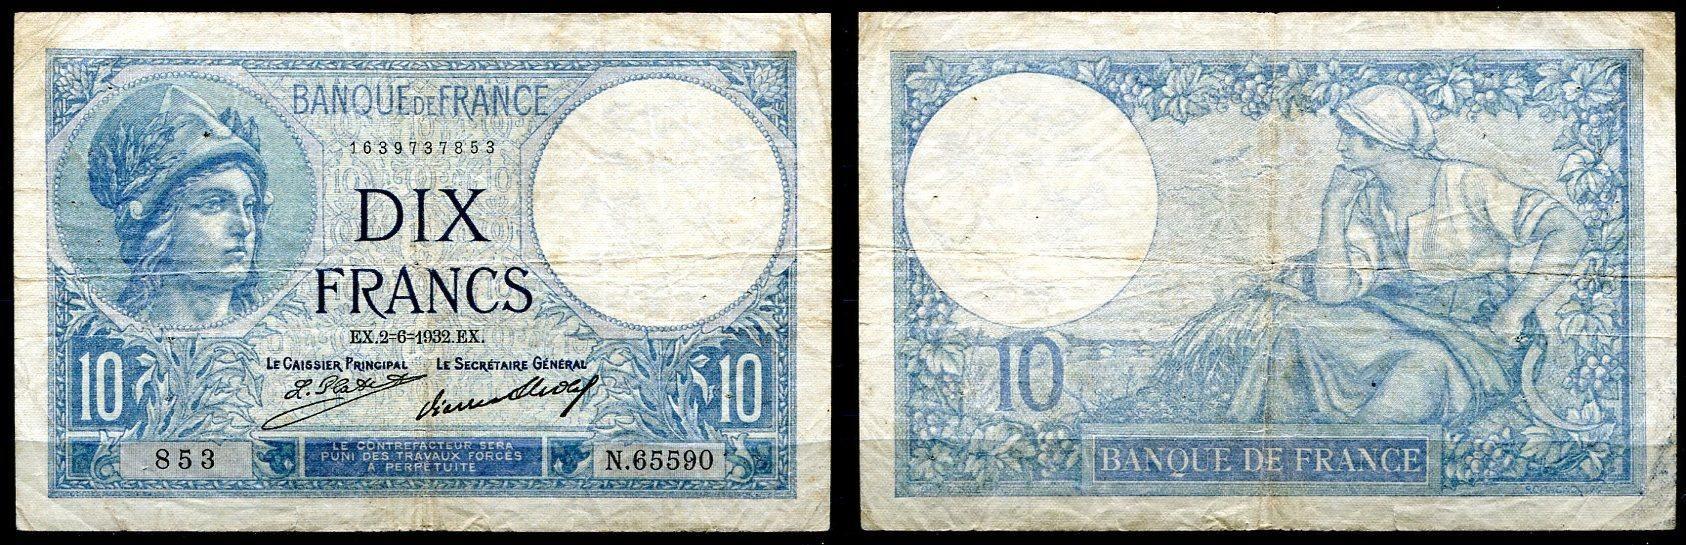 ~ France / dix Francs Frankreich 10 Francs 1932